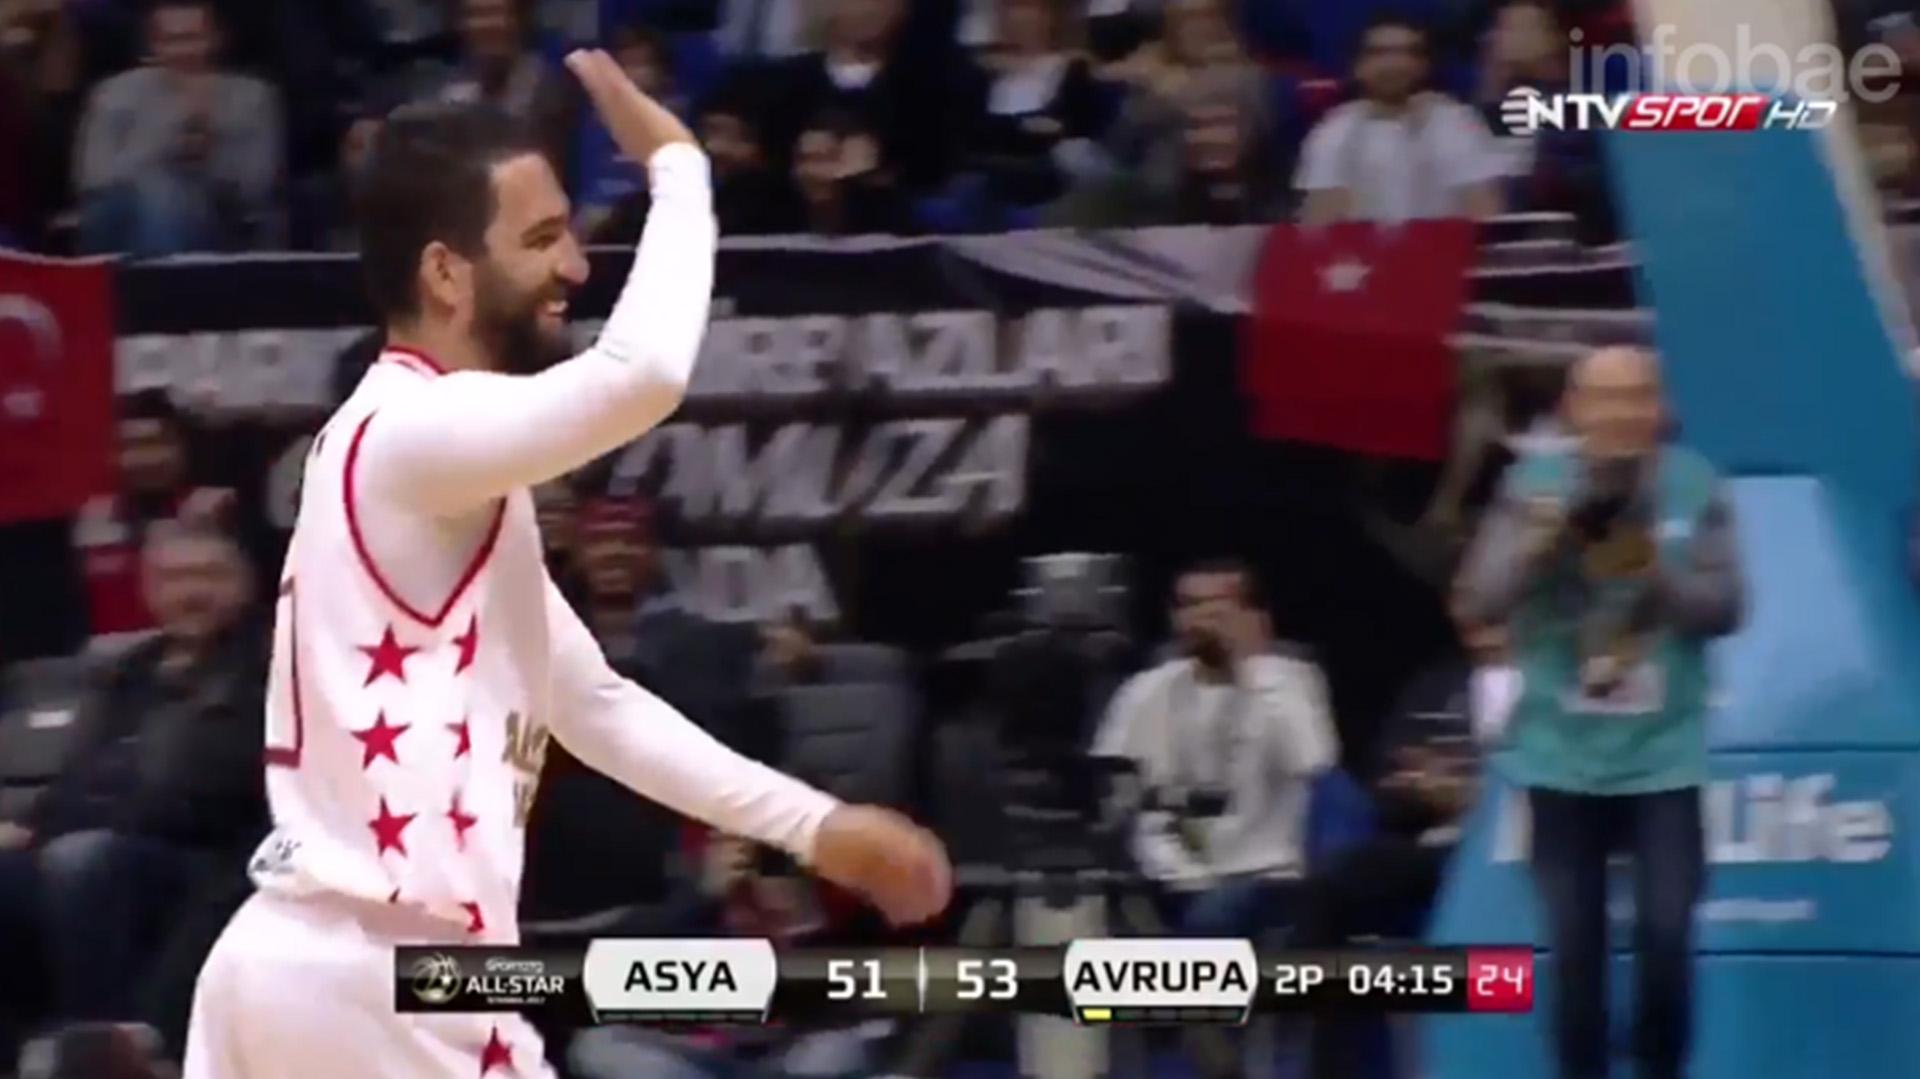 El turco pudo encestar en el partido de las estrellas de Turquía